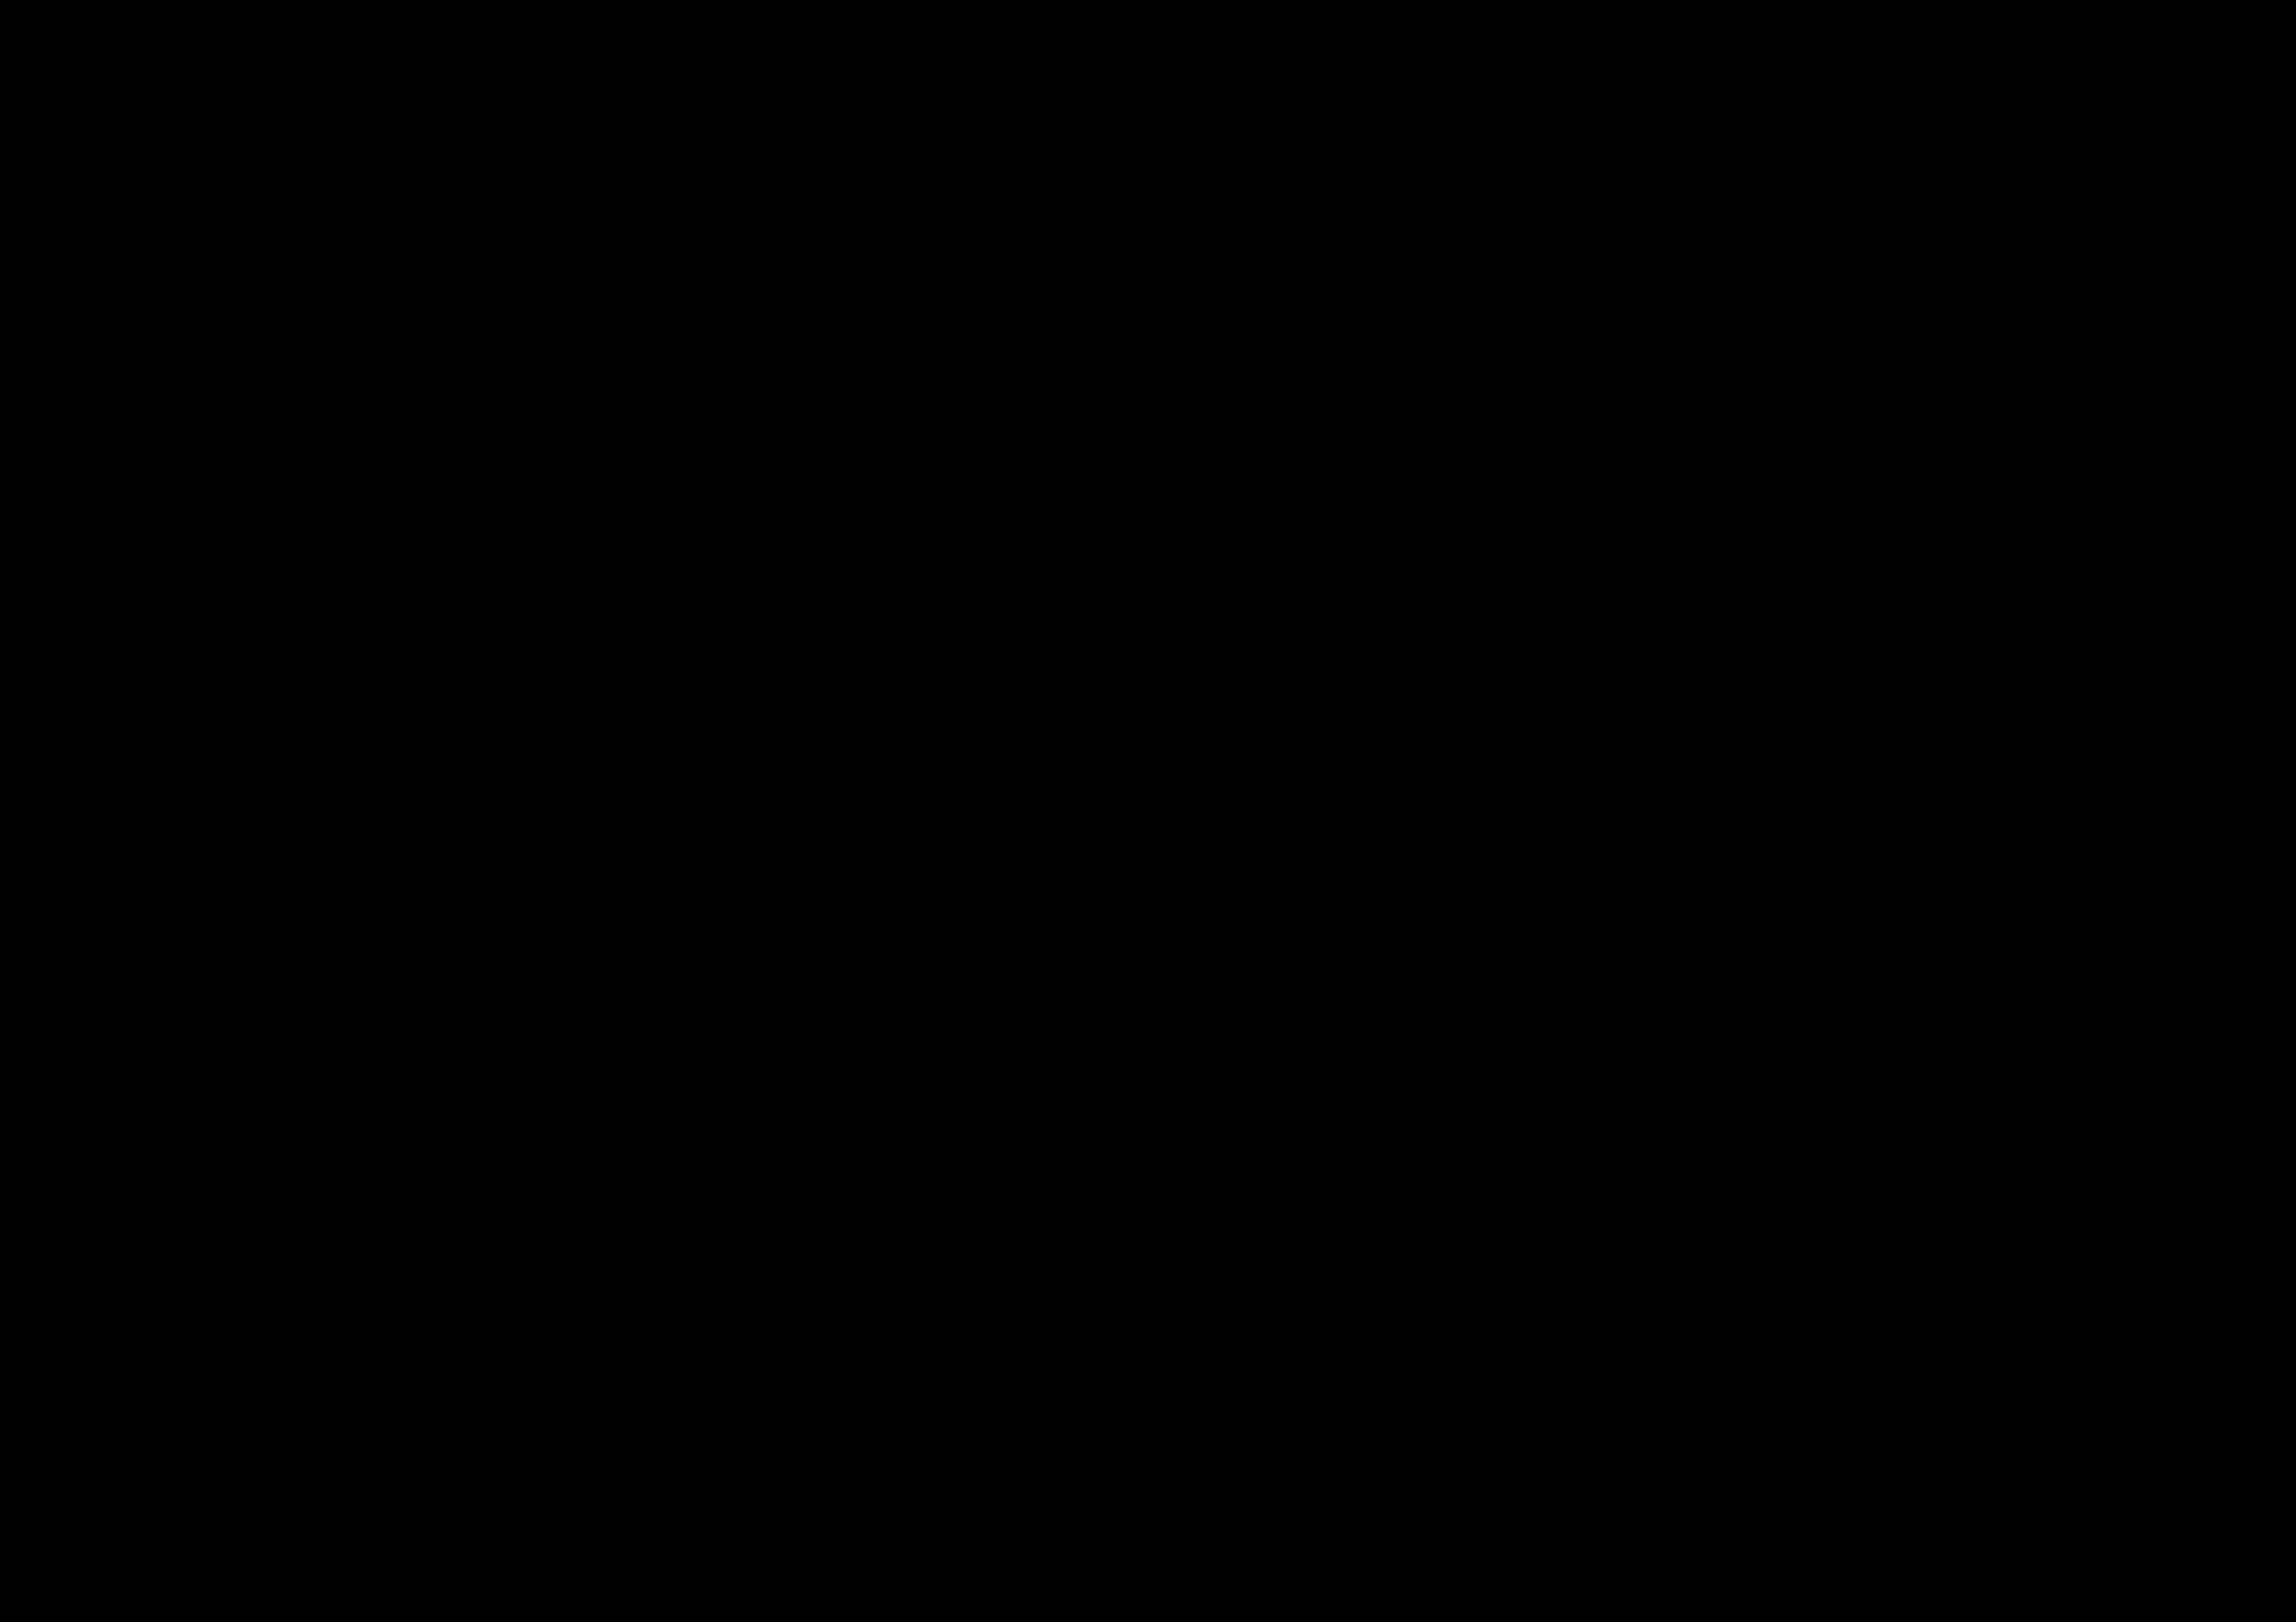 Connessioni, antri e risalite nell'area archeologica di Segesta Board